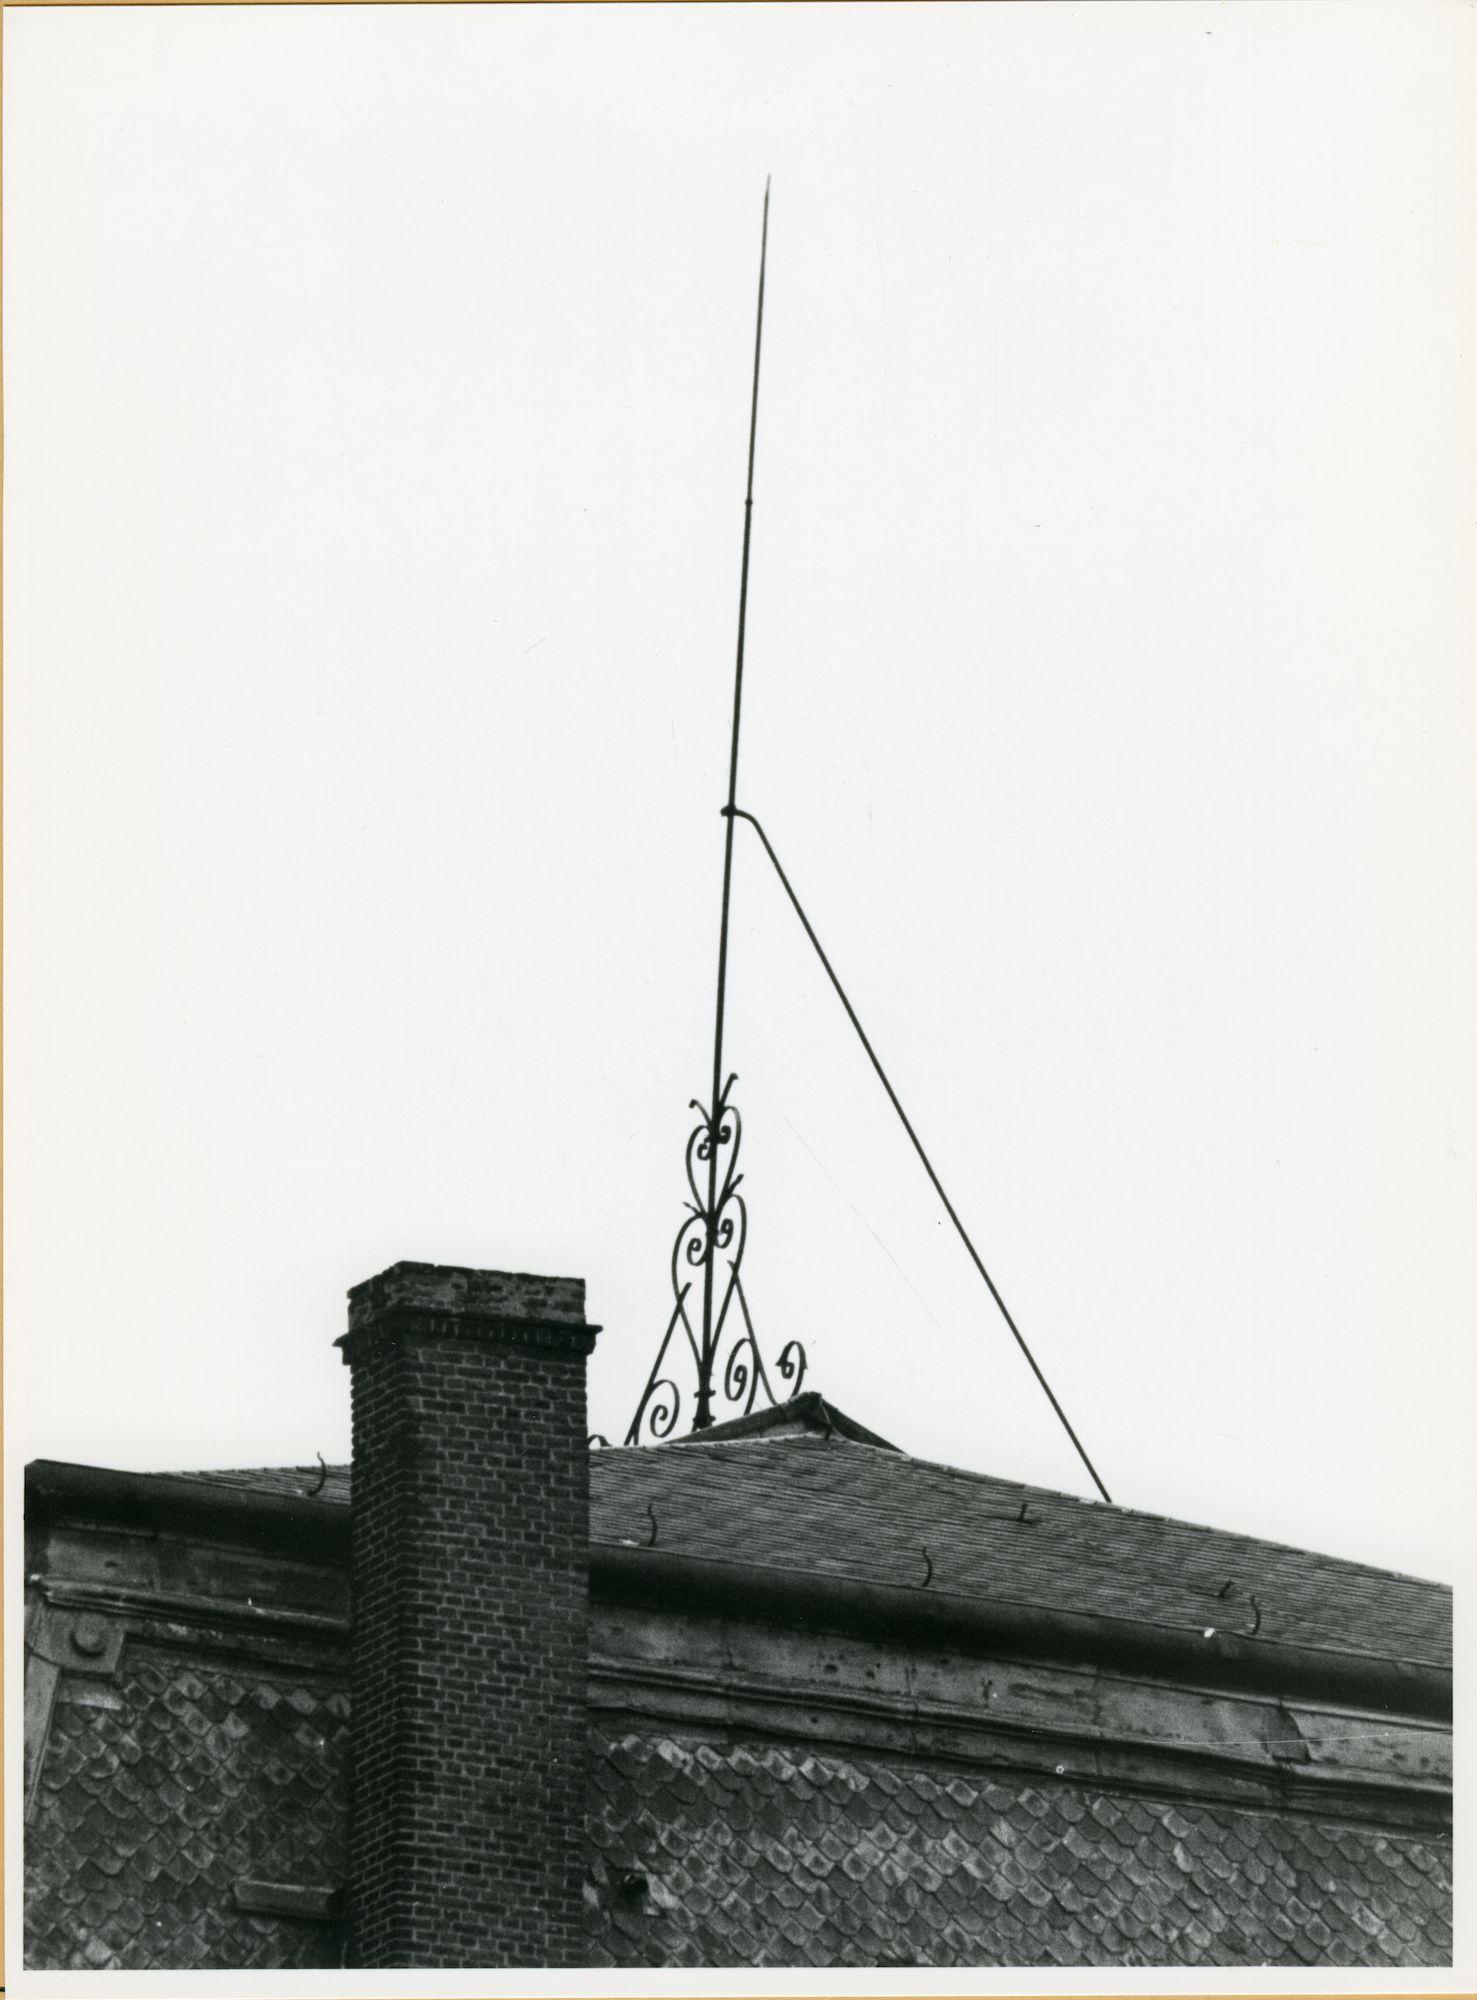 Gent: Stropstraat 119: Nokversiering, 1979